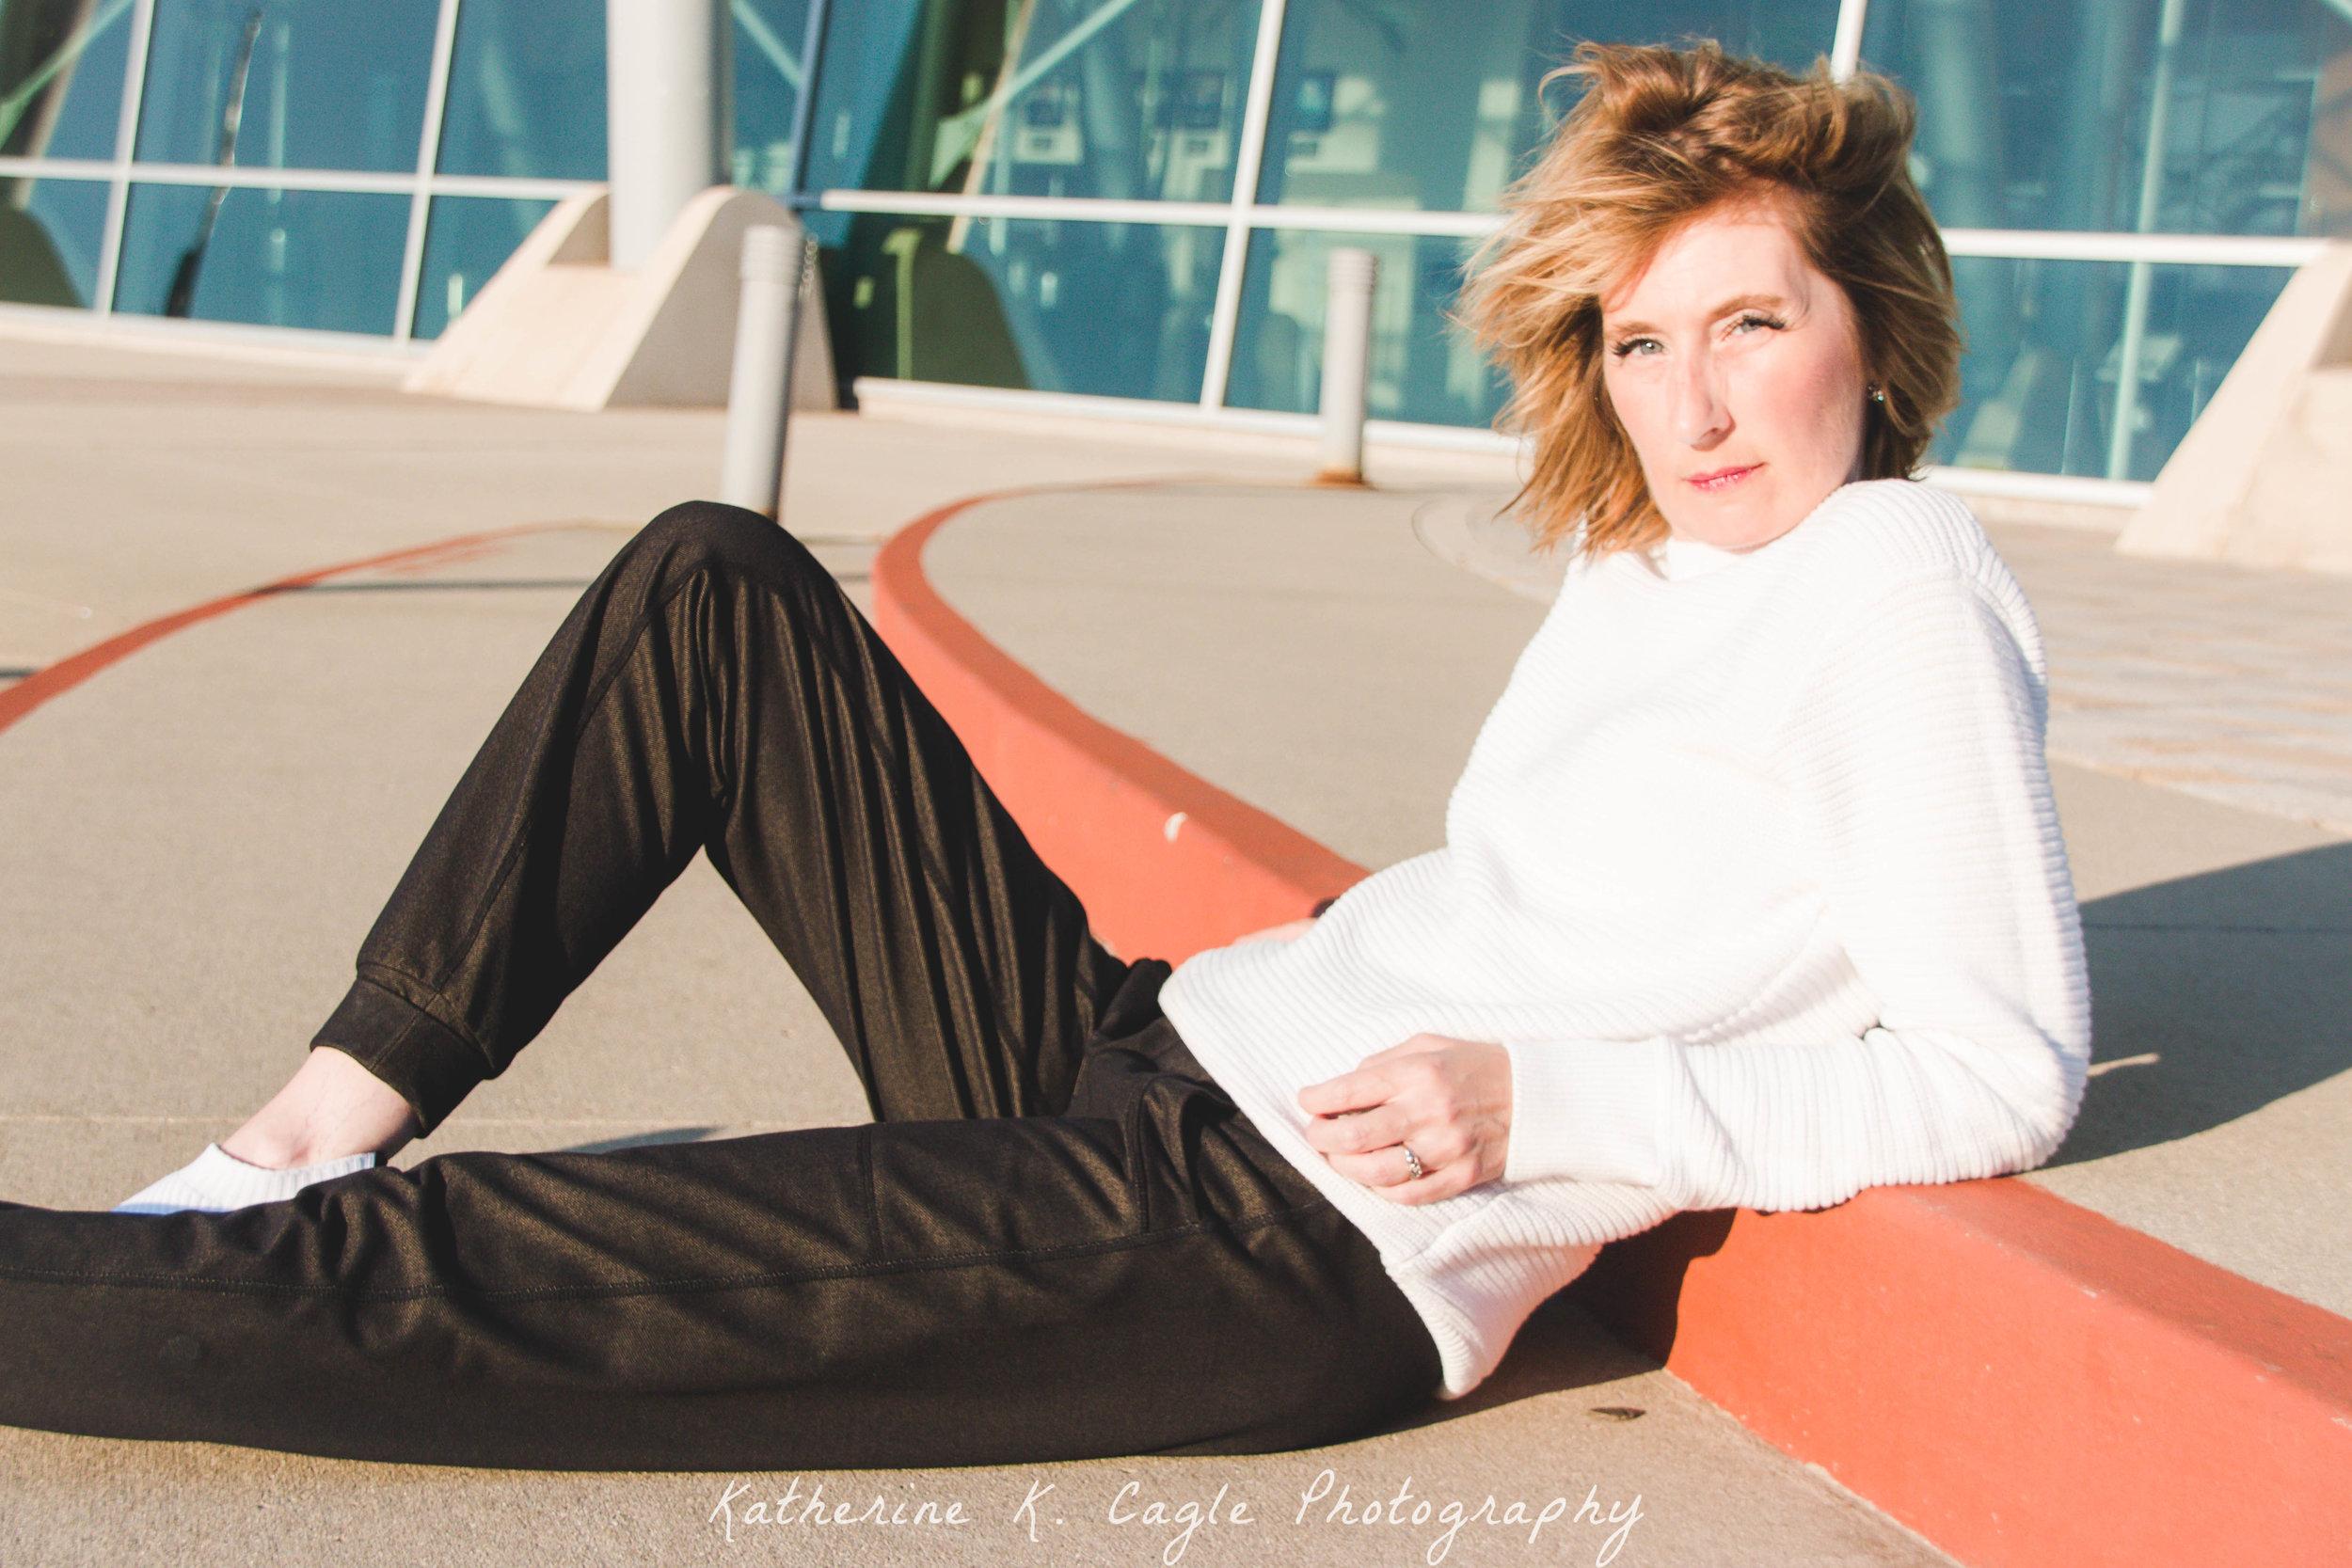 KatherineK.Cagle_MichelleLee-80.jpg